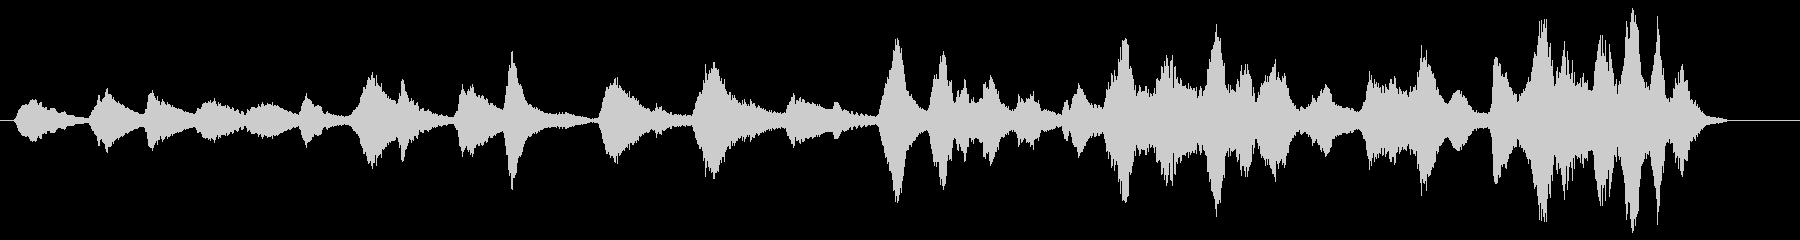 サイファイゴースト-宇宙、サイエン...の未再生の波形